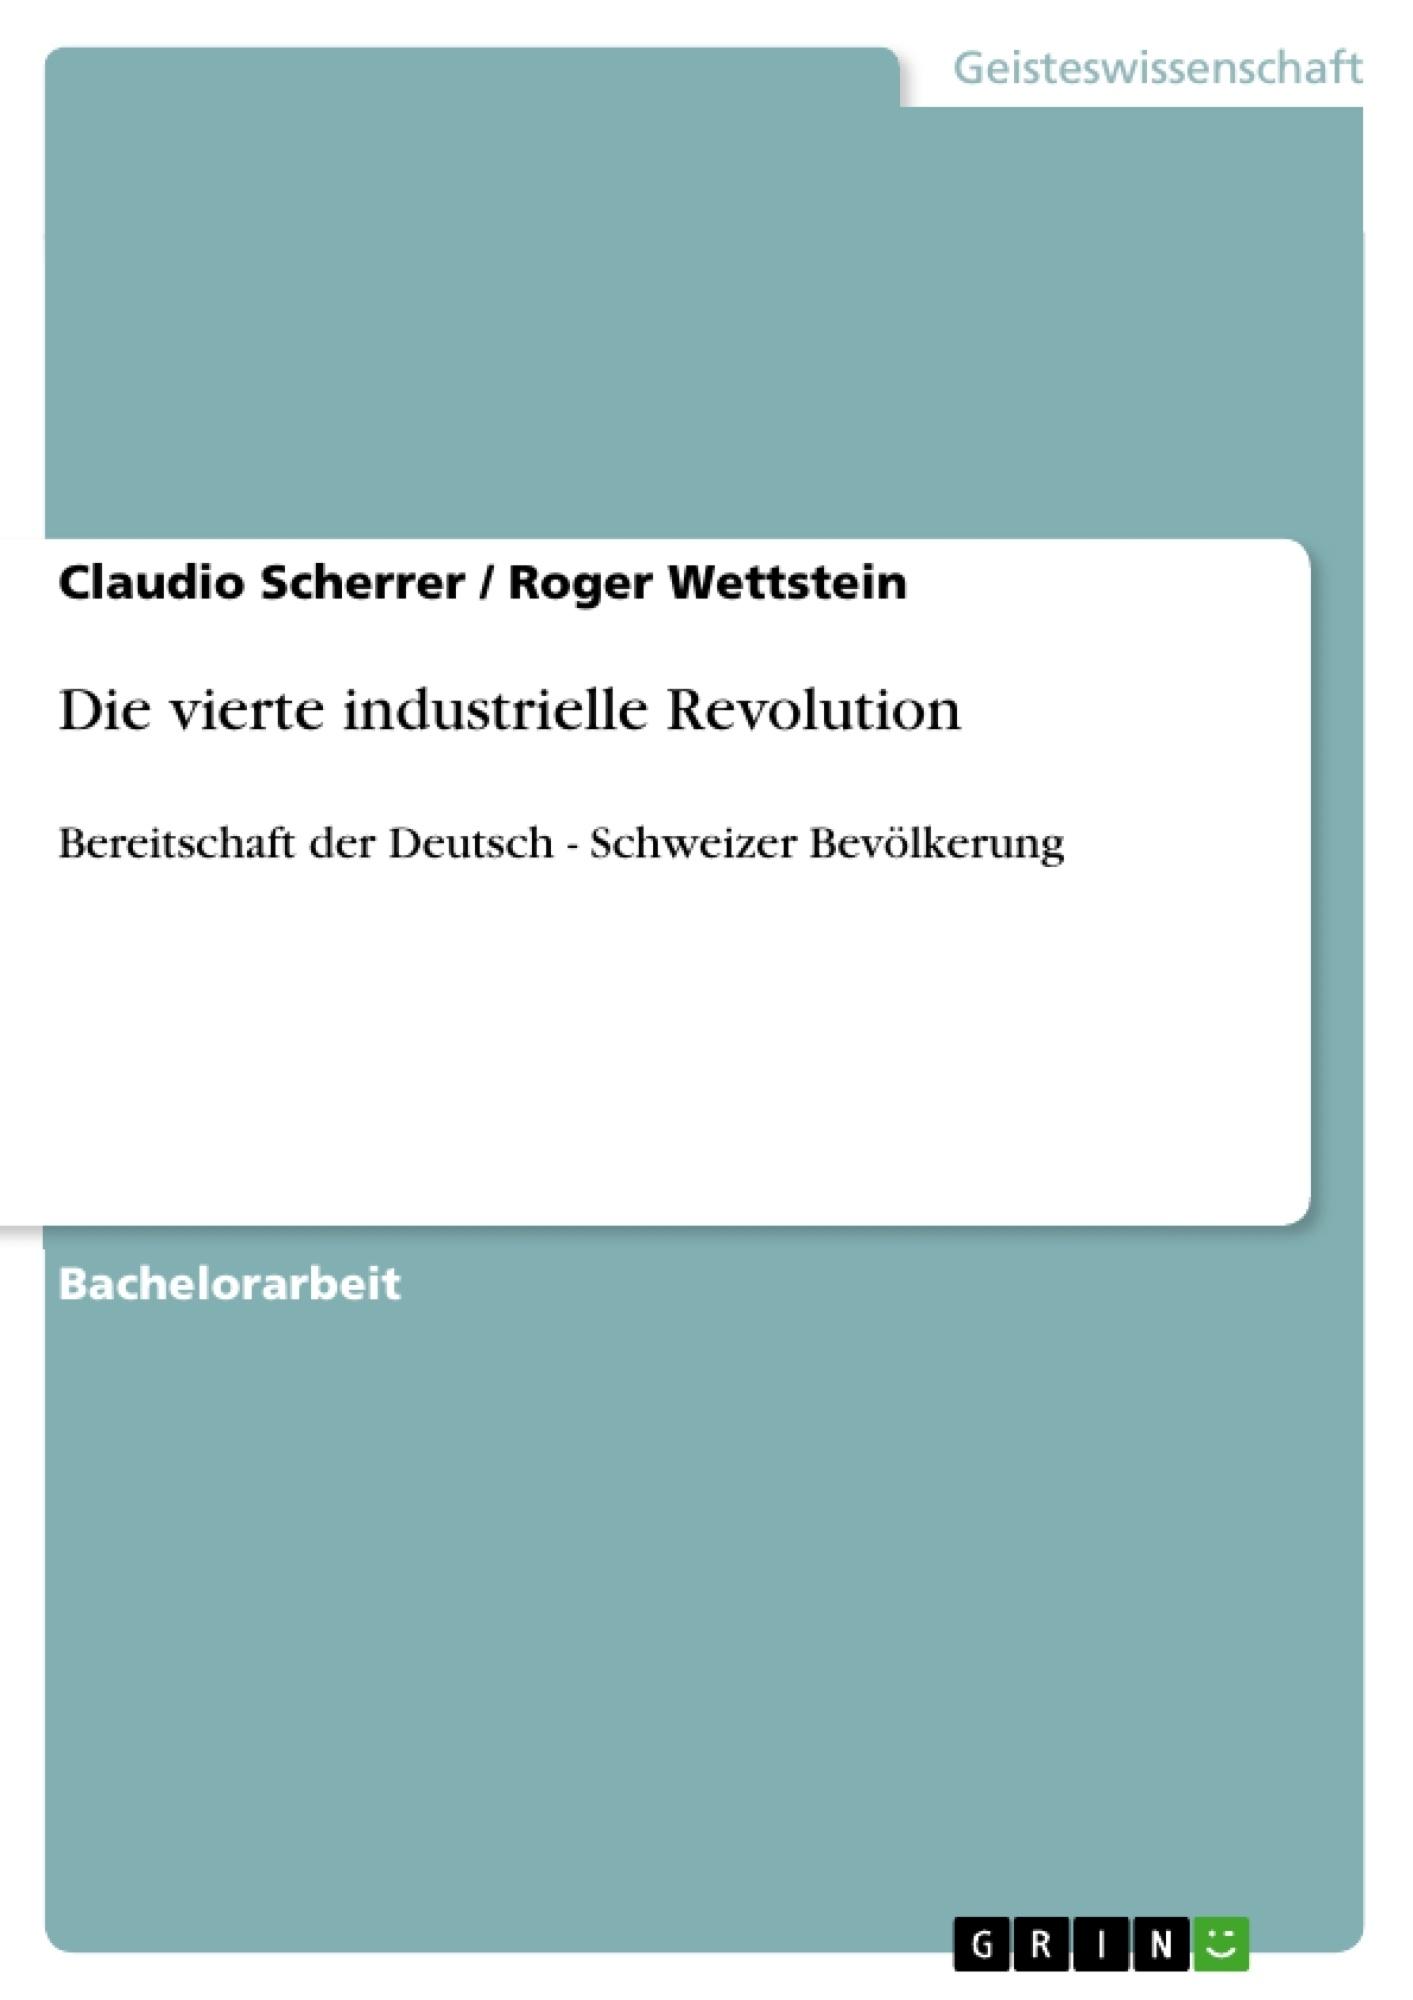 Titel: Die vierte industrielle Revolution